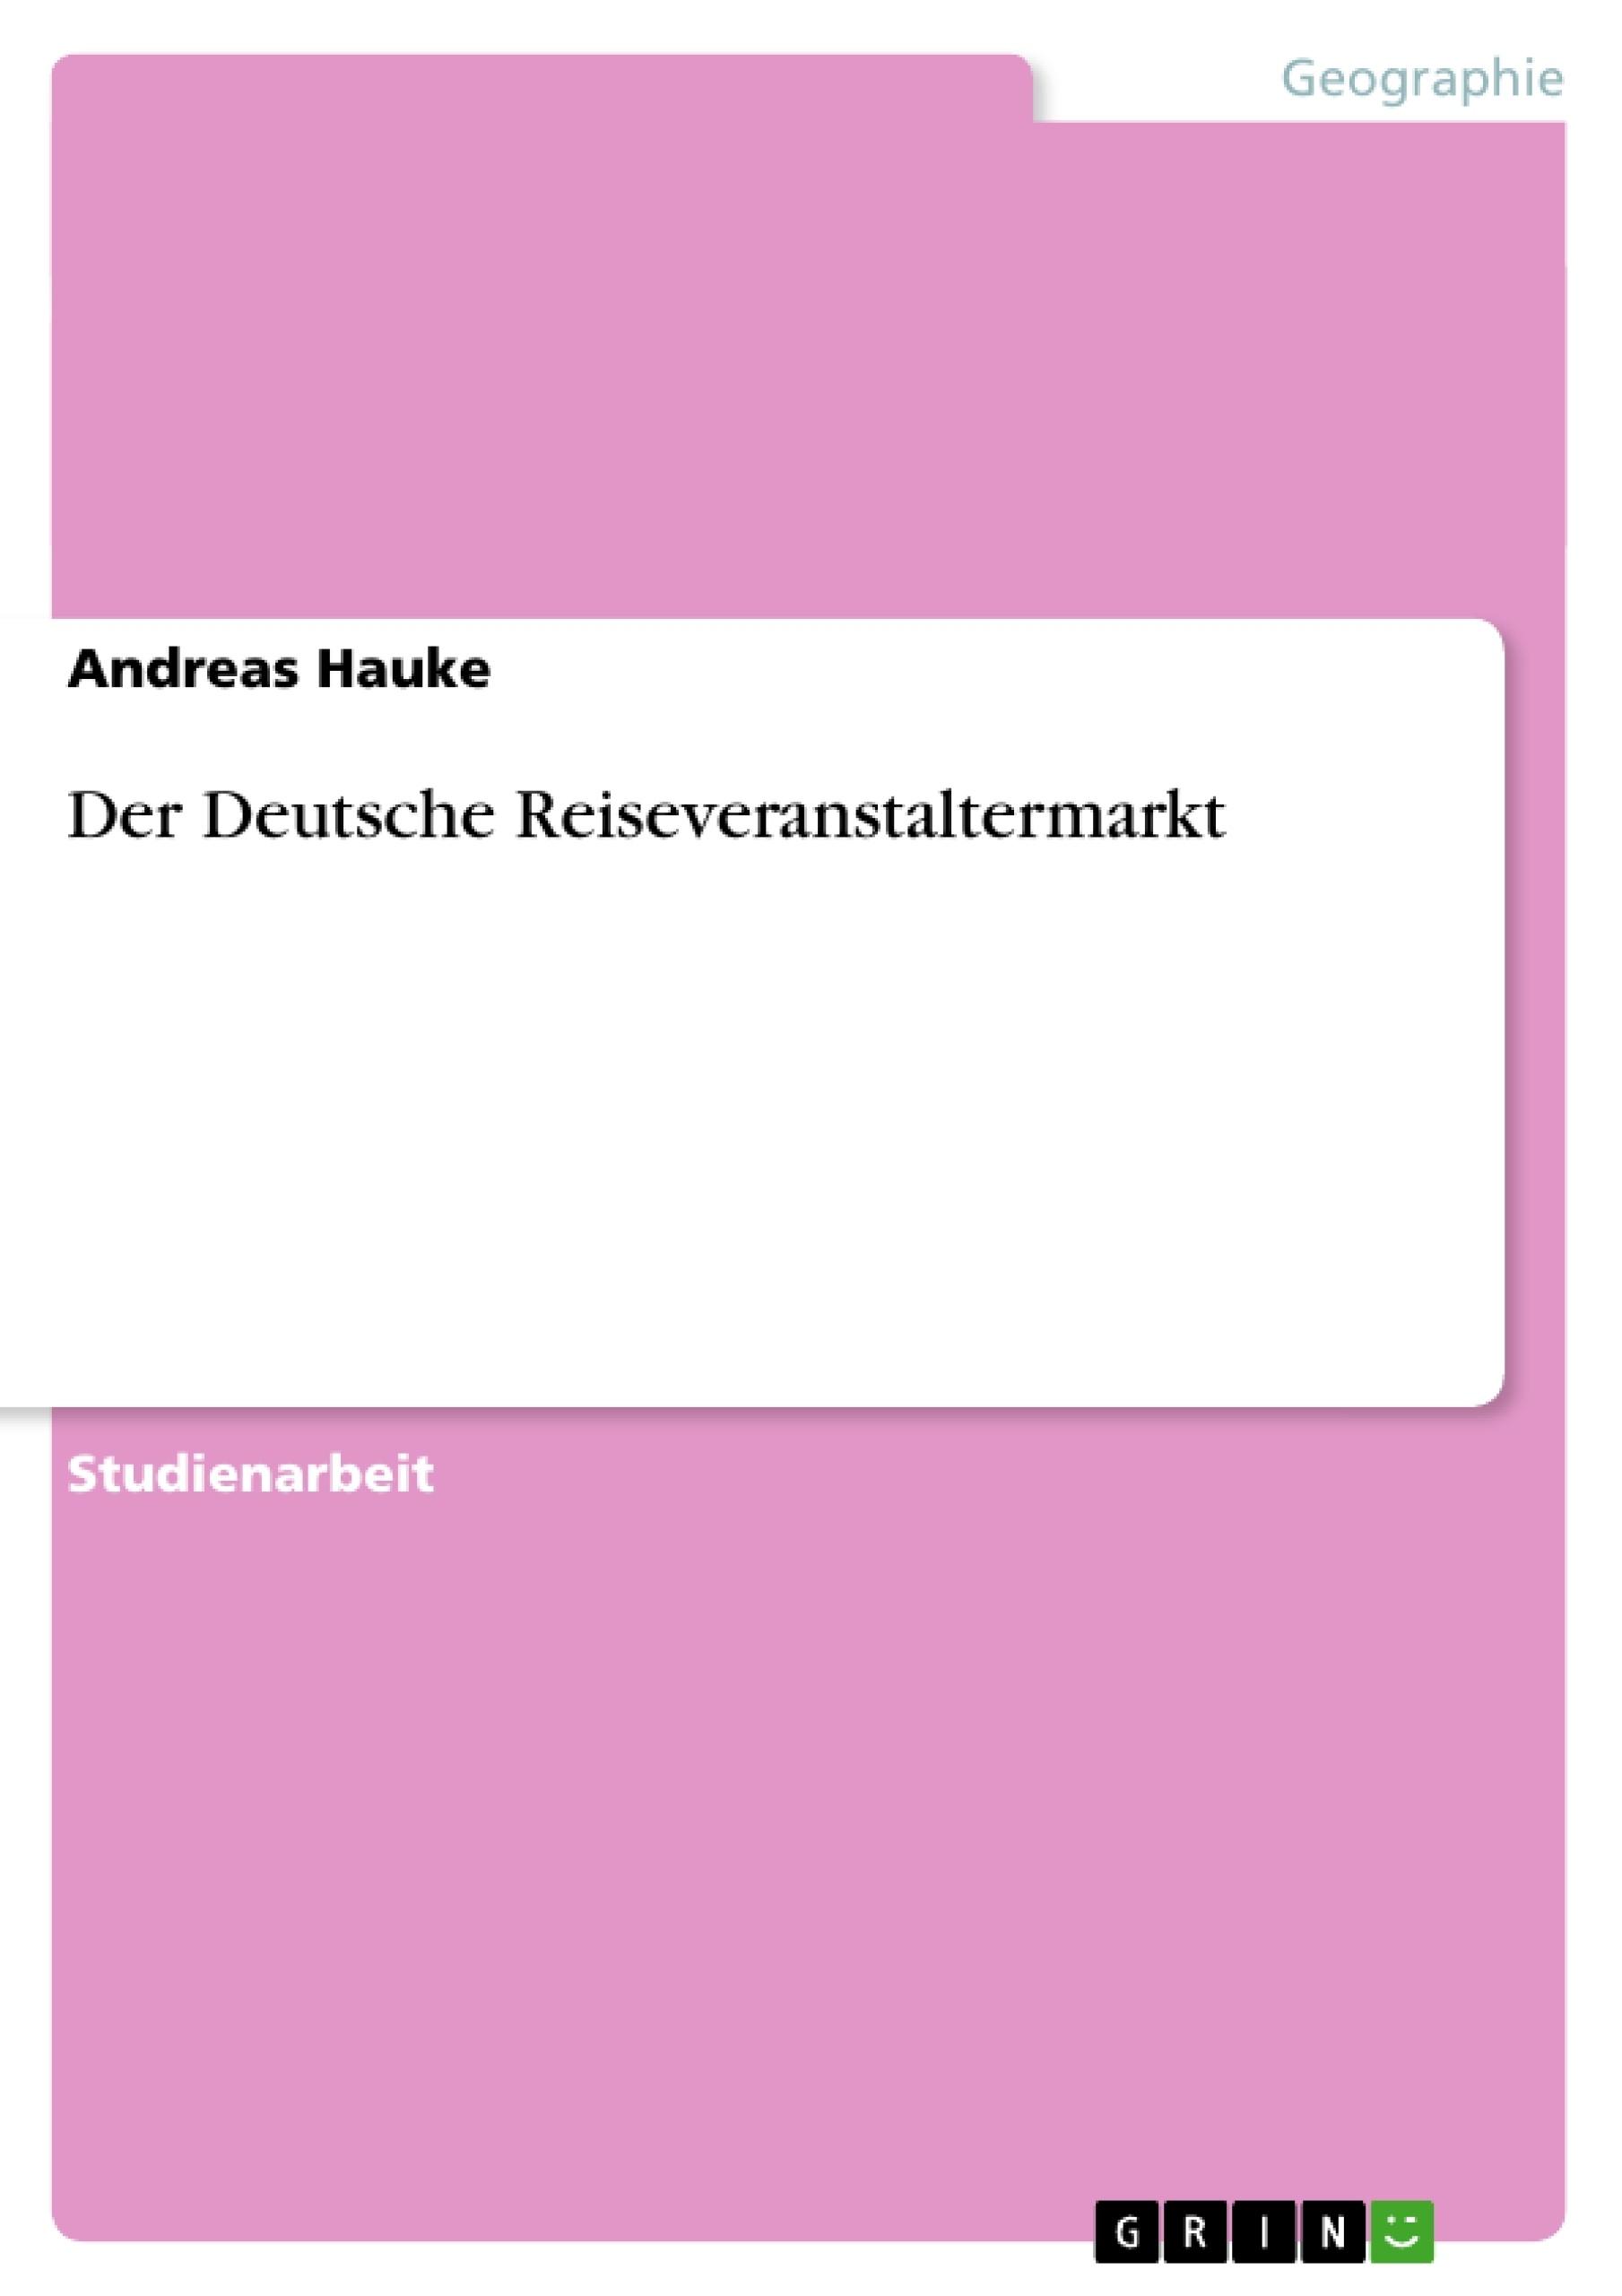 Titel: Der Deutsche Reiseveranstaltermarkt